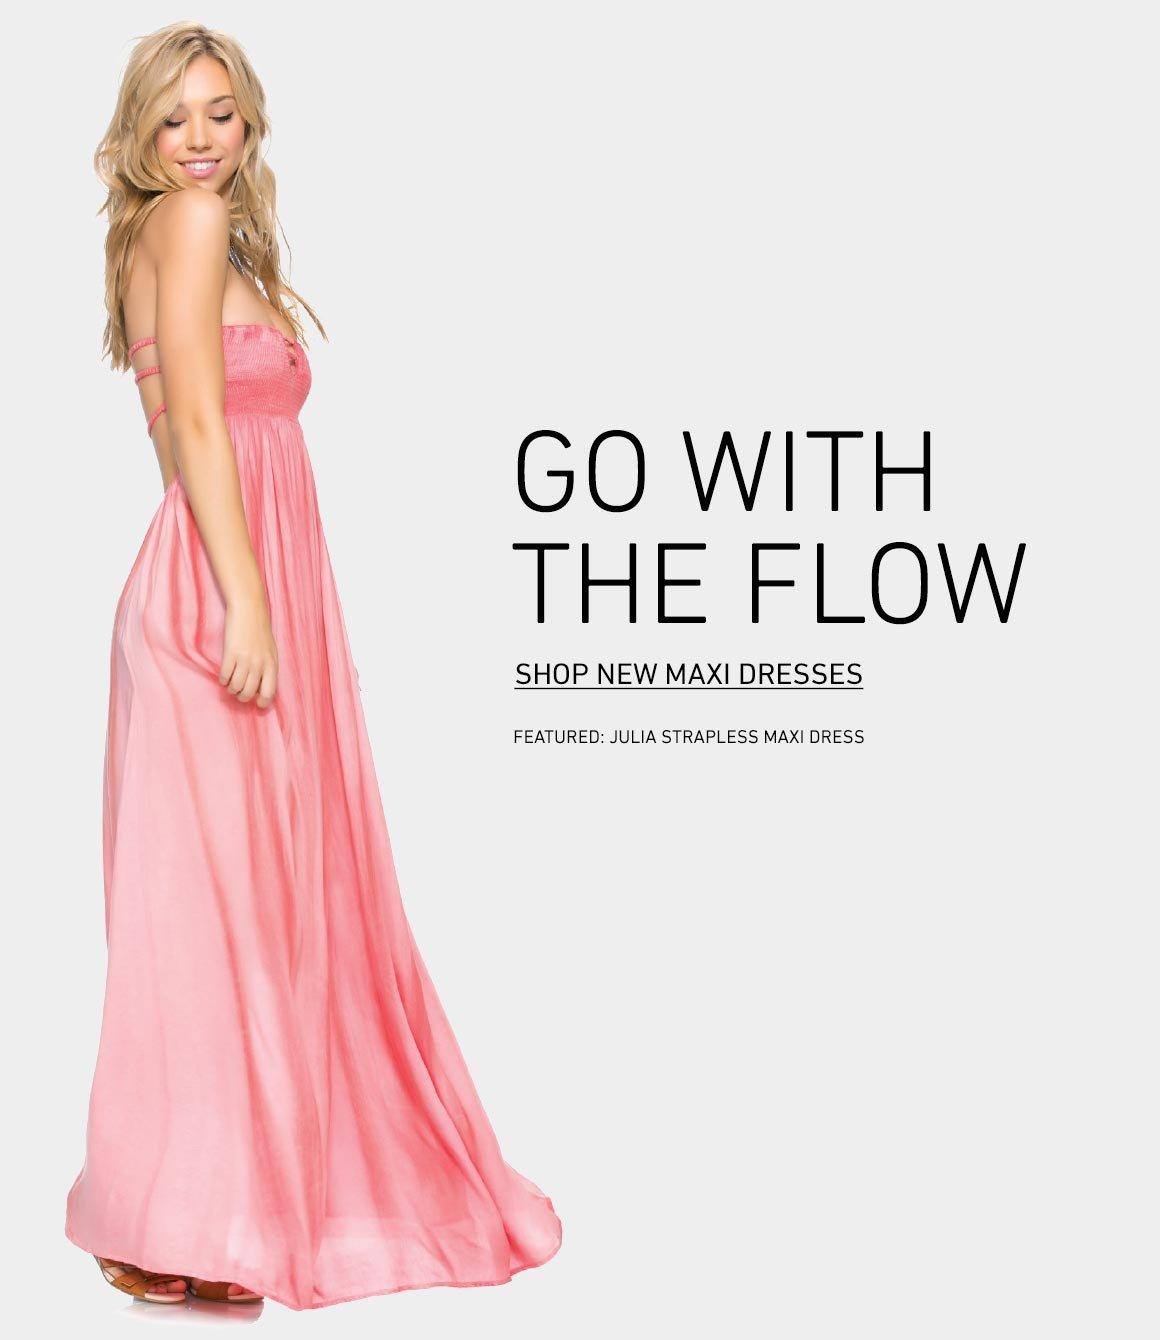 Shop New Maxi Dresses